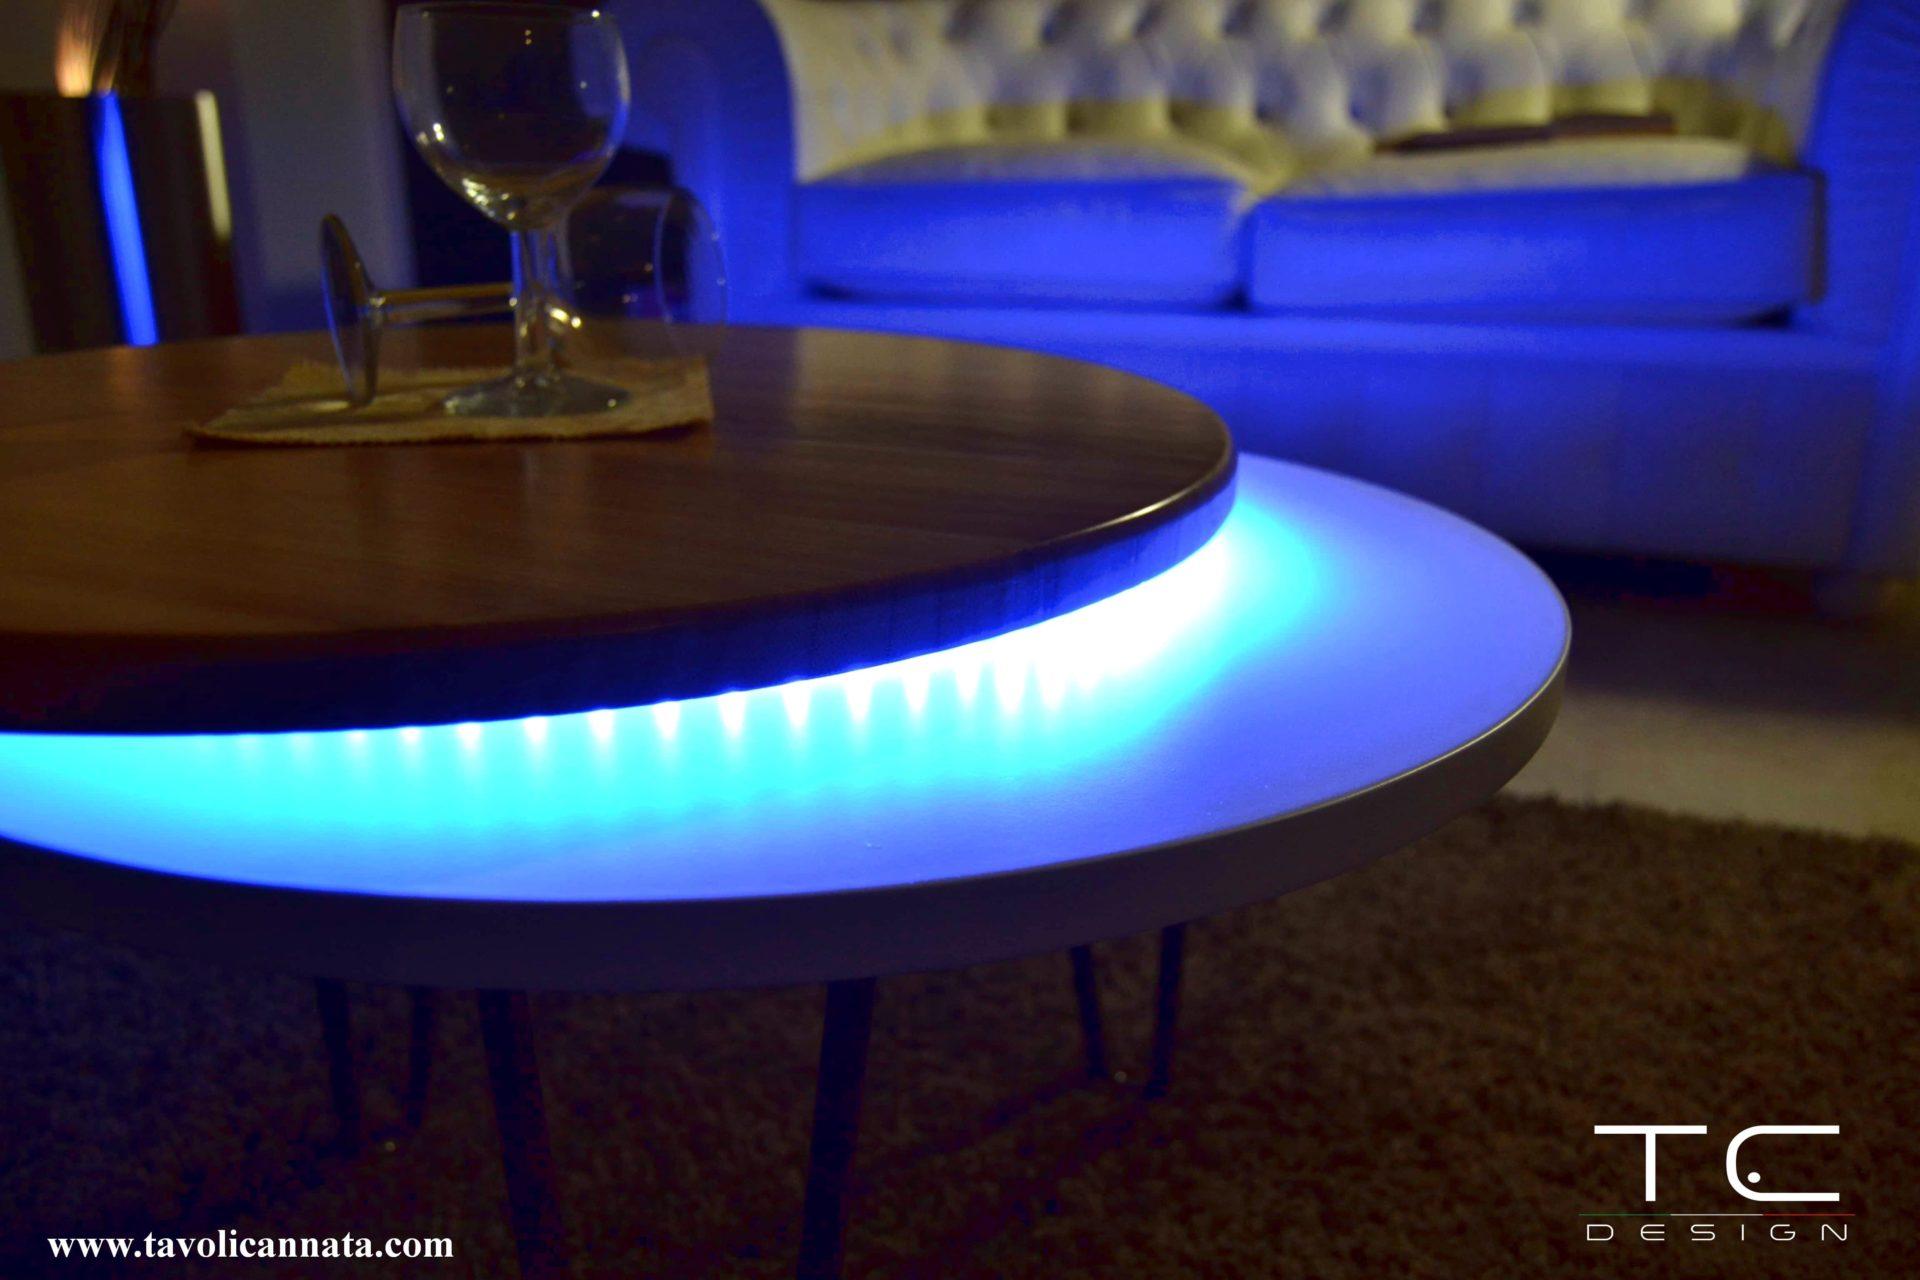 Tavolini Da Salotto Legno Moderni.Tavolini Da Salotto In Legno Moderni Tavolini Cannata